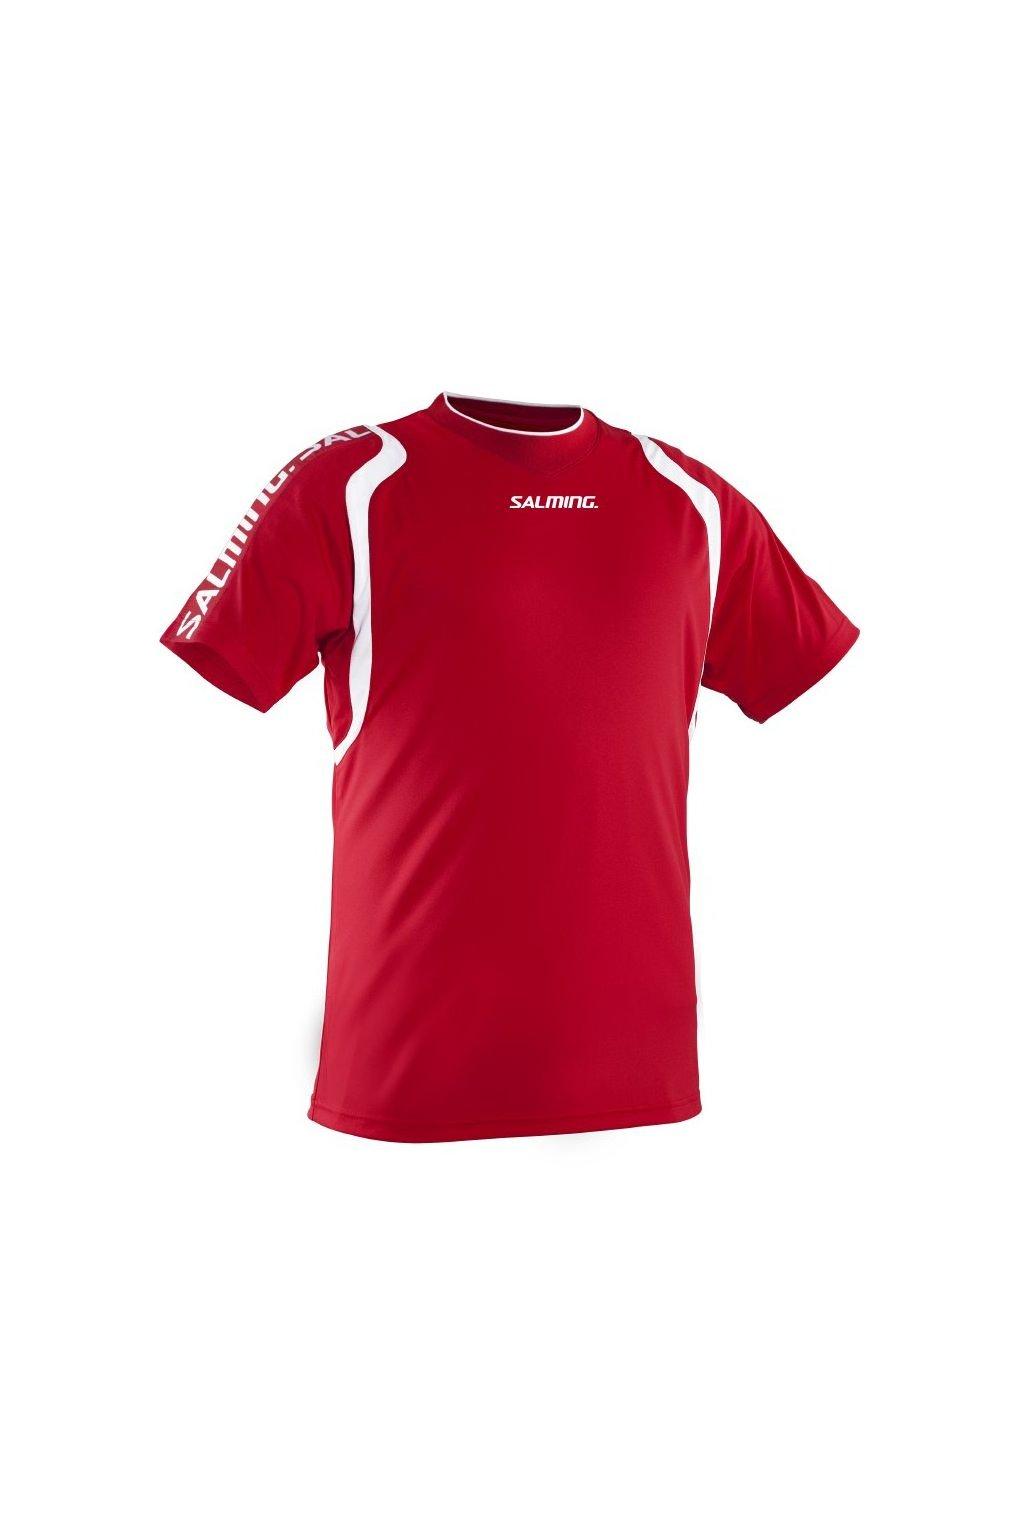 salming rex jersey (1)